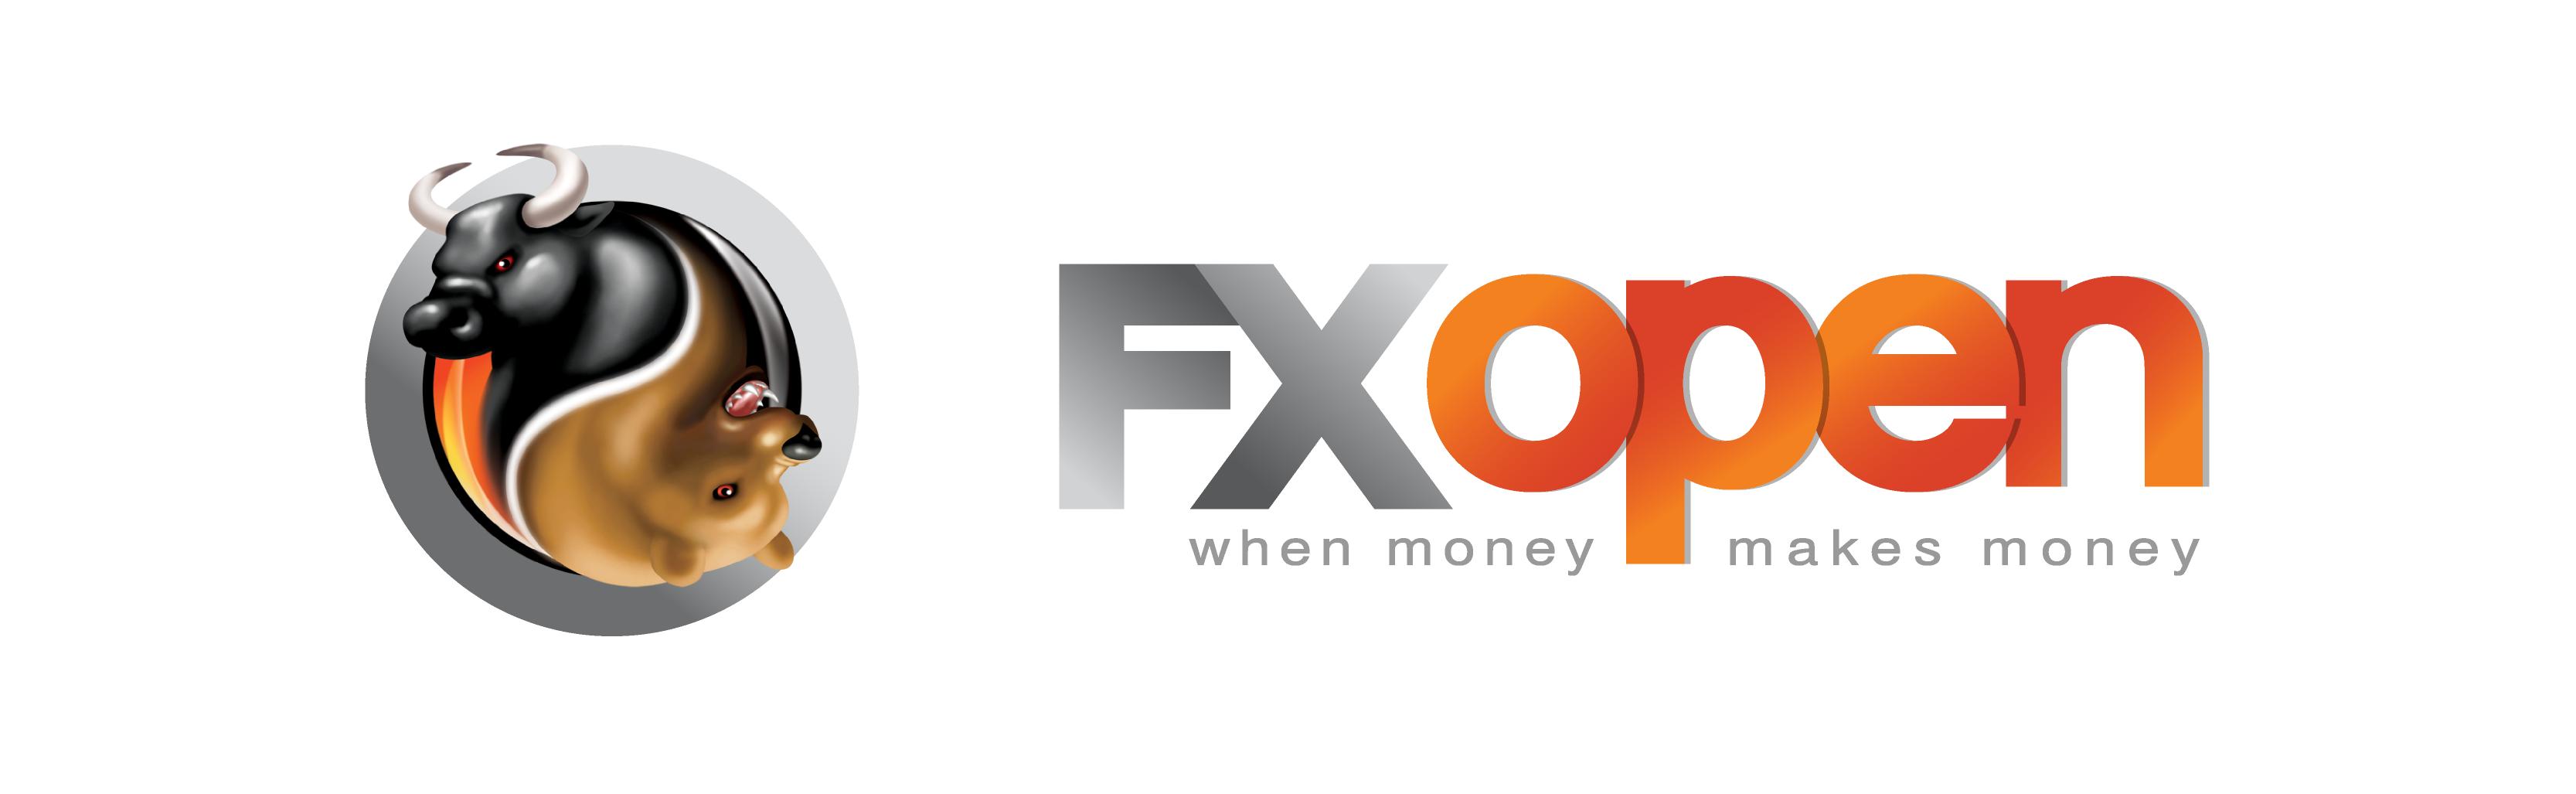 broker forex fxopen apa perdagangan opsi di pasar saham indonesia dengan contoh